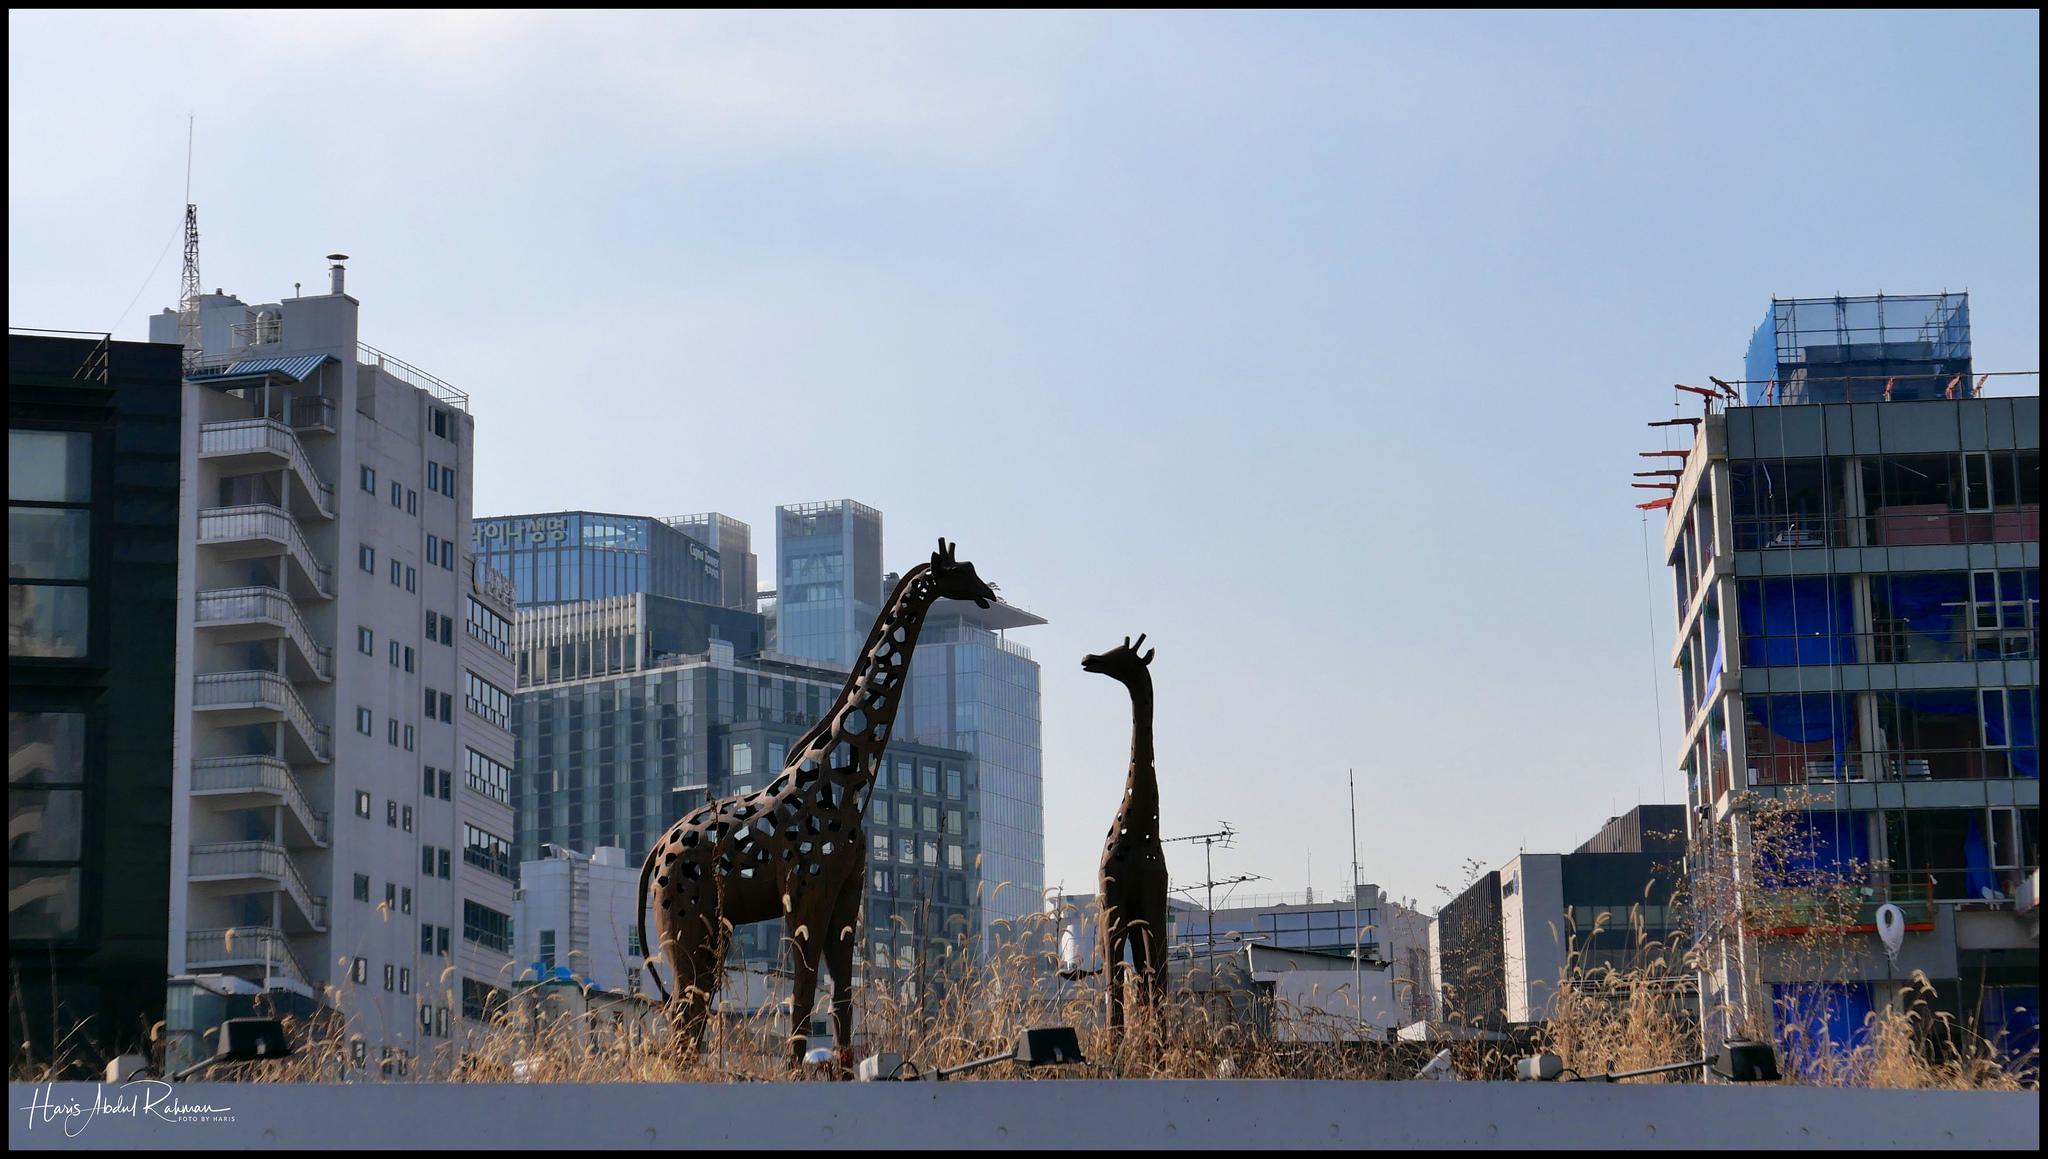 An urban safari at Ssamziegil